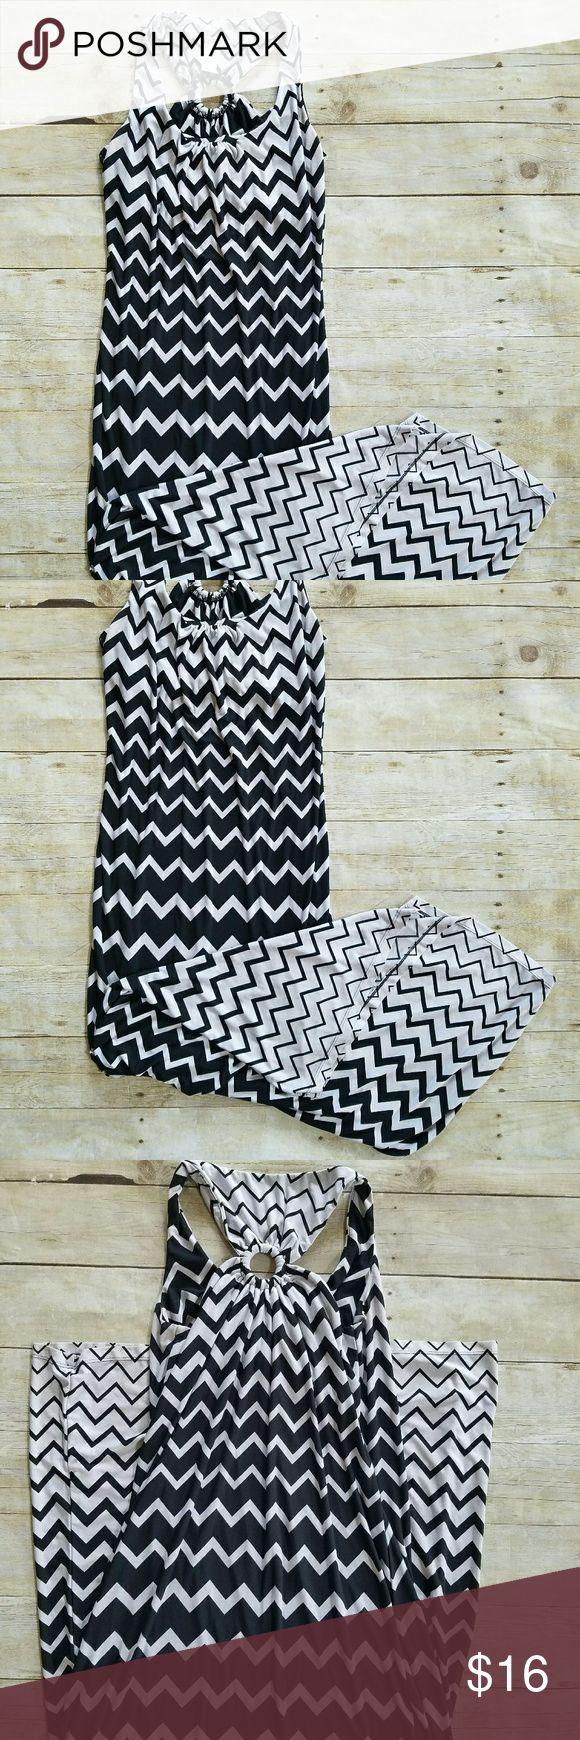 Emma Michelle black and white chevron maxi dress Cute chevron maxi dress, gently used with no flaws Emma Michelle Dresses Maxi